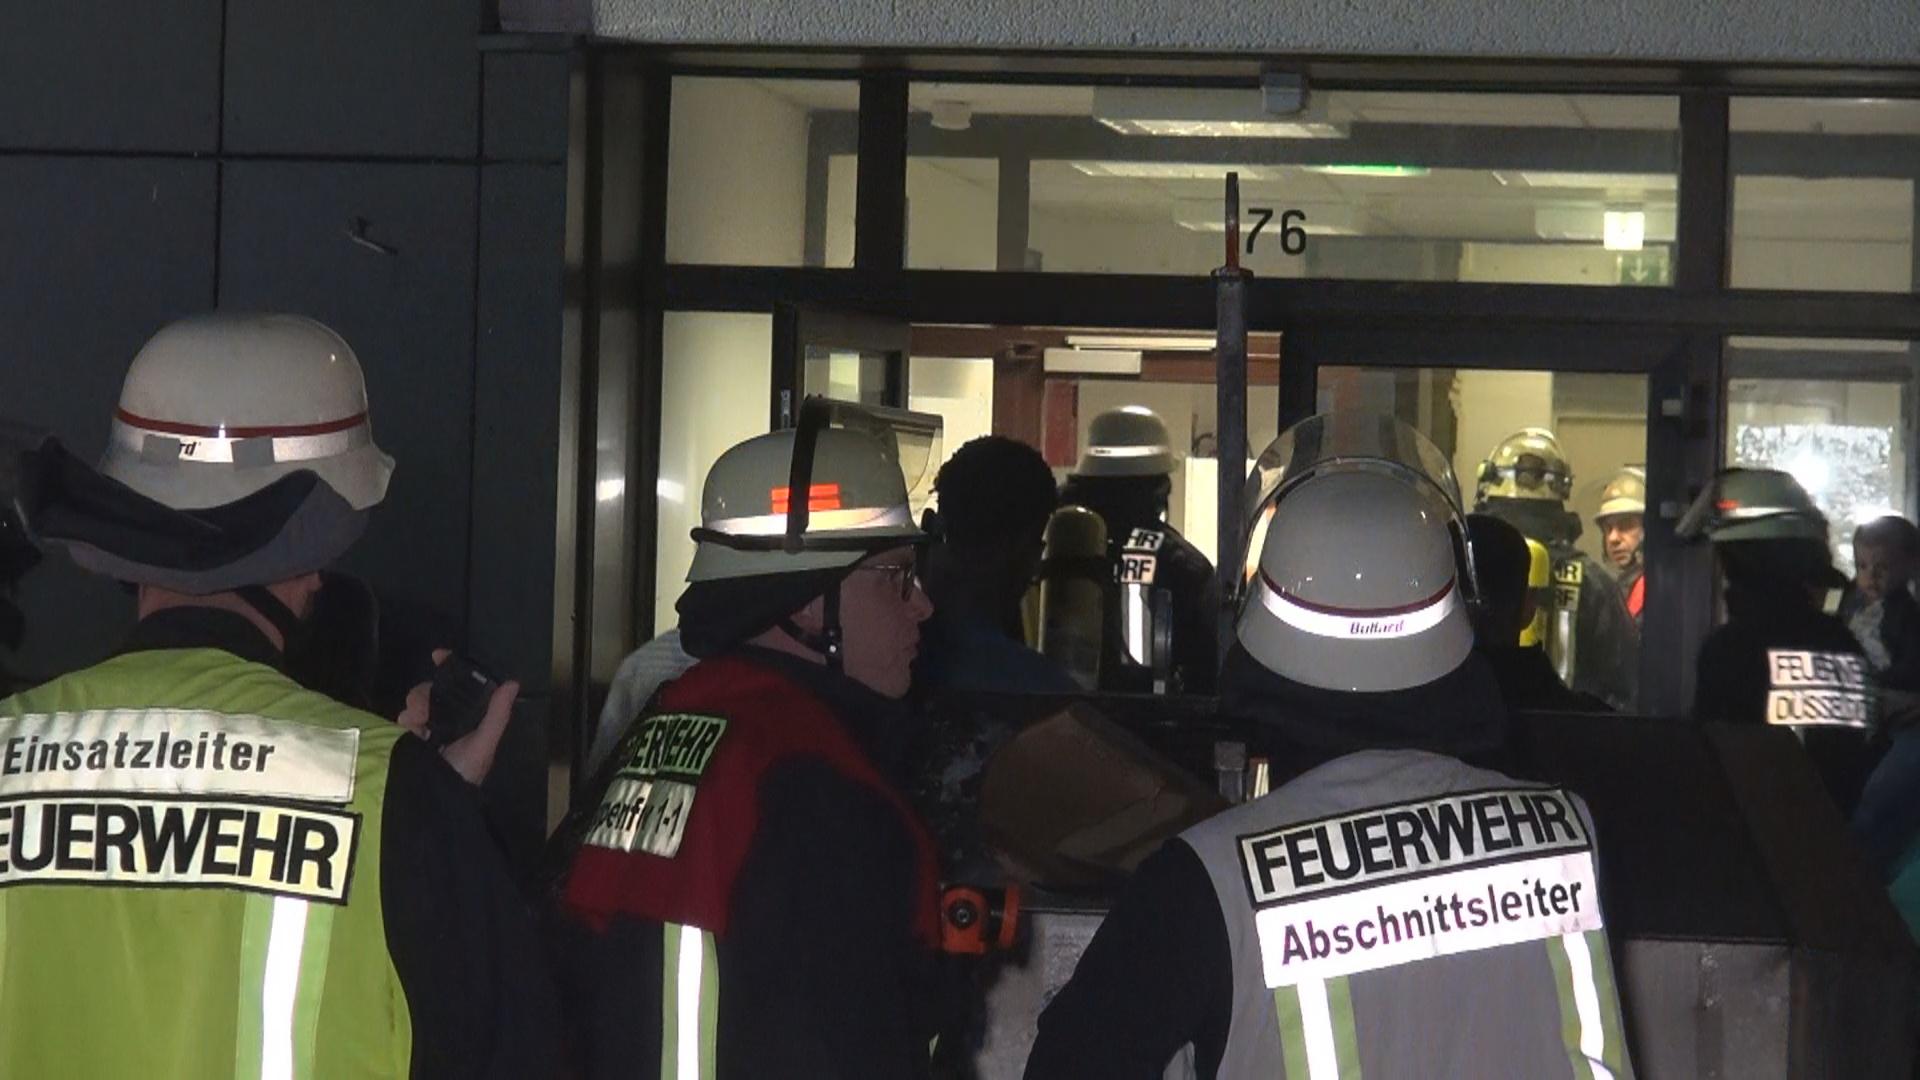 Die Feuerwehr Düsseldorf wurde am Mittwochabend gegen 22:45 Uhr auf die Schanzenstraße 76 in Oberkassel alarmiert. Der Sicherheitsdienst der dortigen Asylunterkunft hatte einen Zimmerbrand im 4. Obergeschoss gemeldet. Die Feuerwehr rückte aufgrund dieser Meldung mit zwei Löschzügen aus. Die Einsatzkräfte konnten nach Erkundung vor Ort kein Feuer entdecken . Eine unbekannte Person hatte im 4. Obergeschoss einen Feuerlöscher gezündet. Dieser hatte den Raum vernebelt. Verletzt wurde niemand.